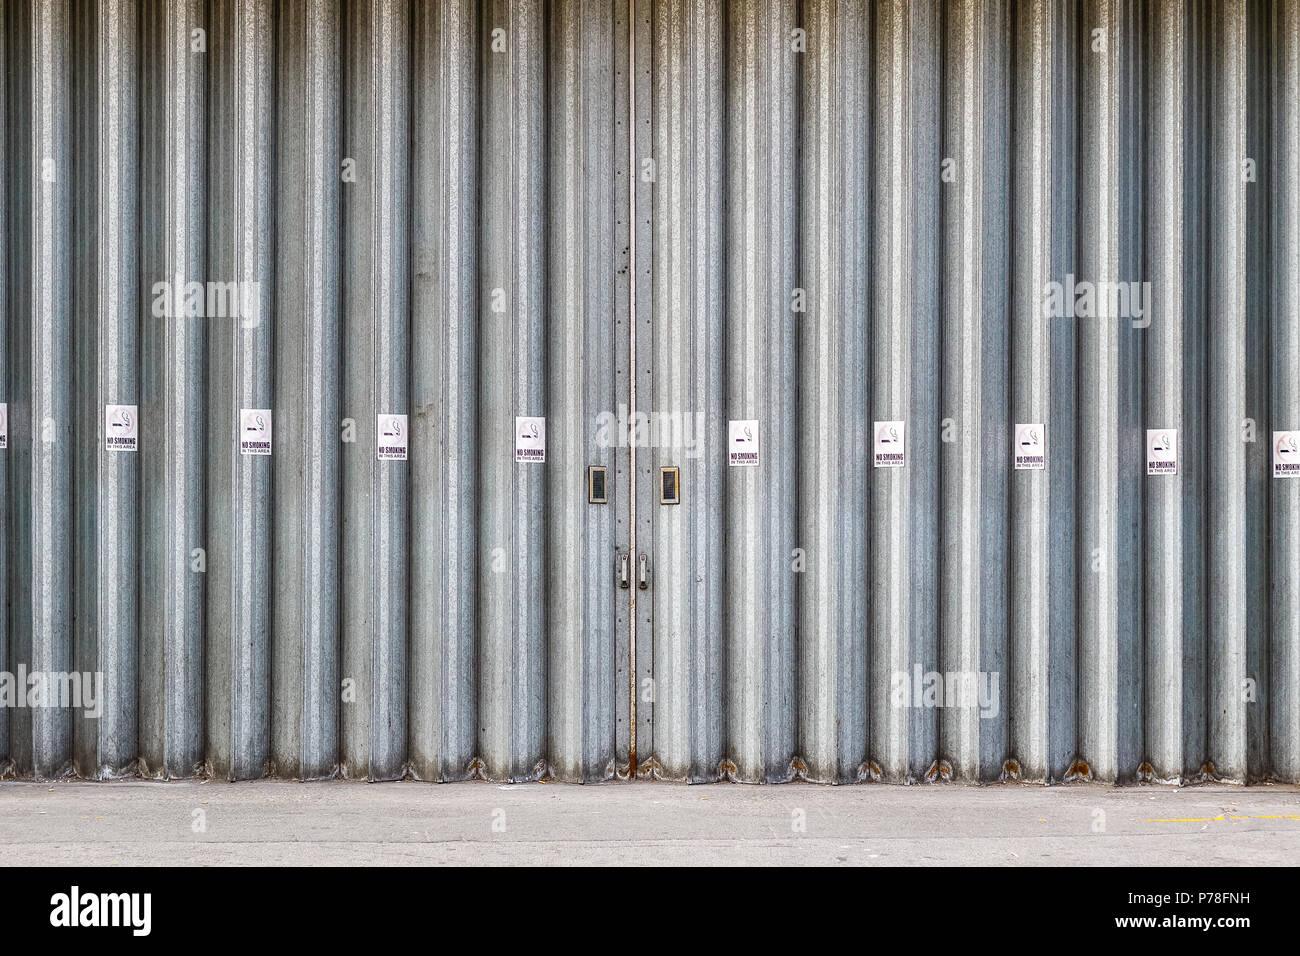 Schiebetüren und Falttüren industrielle Türen mit Rauchverbotsschilder, eine Ladestation für Lkw auf einer Straße von London City Stockbild